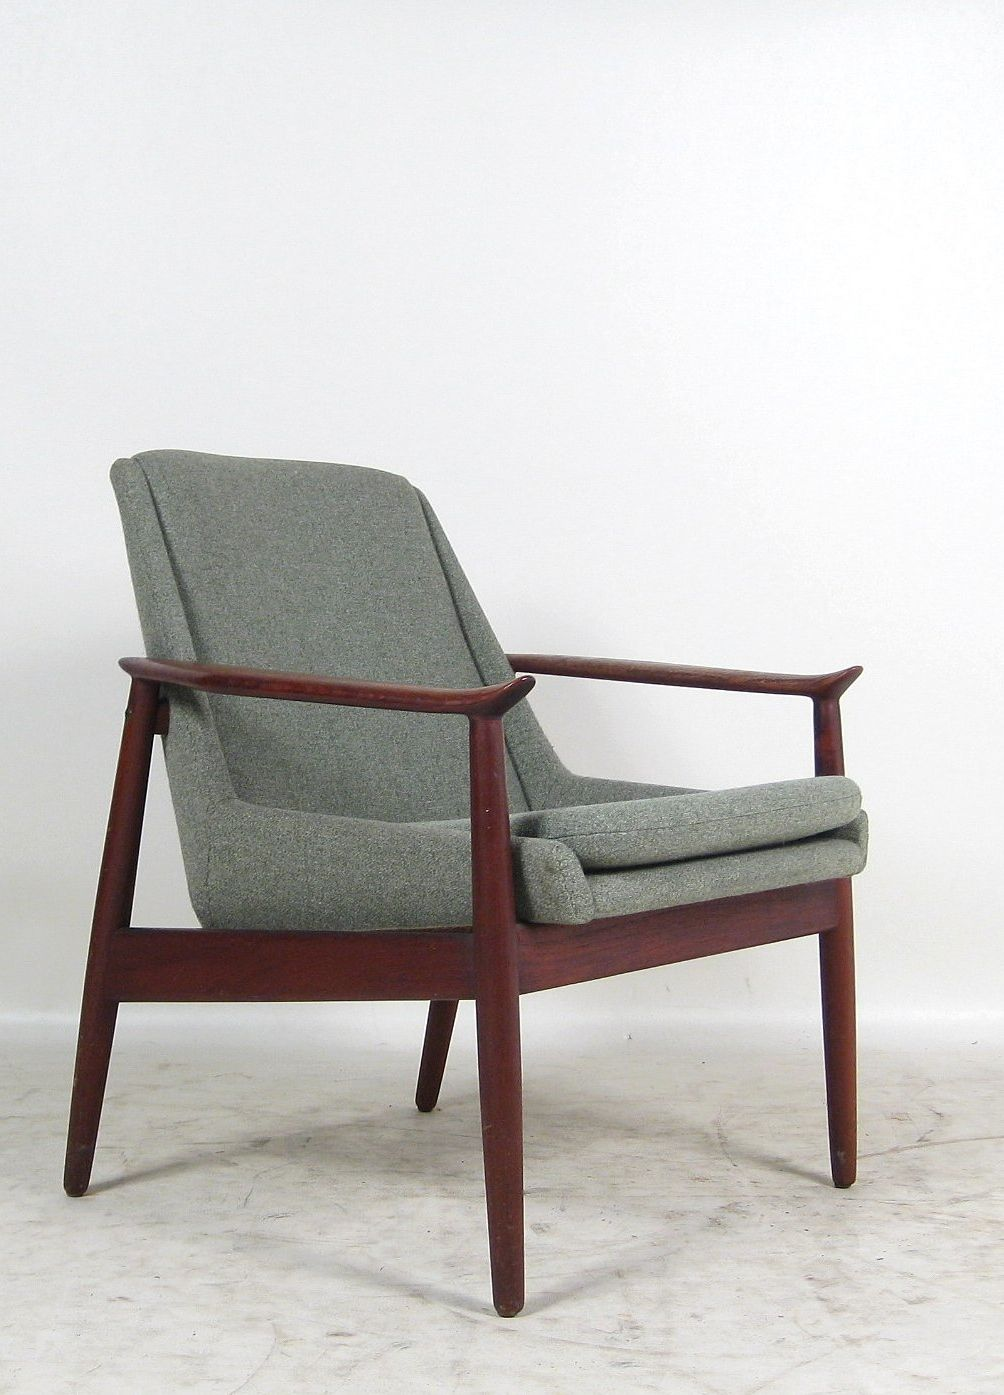 Arne vodder 810 teak armchair for slagelse m belvaerk for Mobili danesi